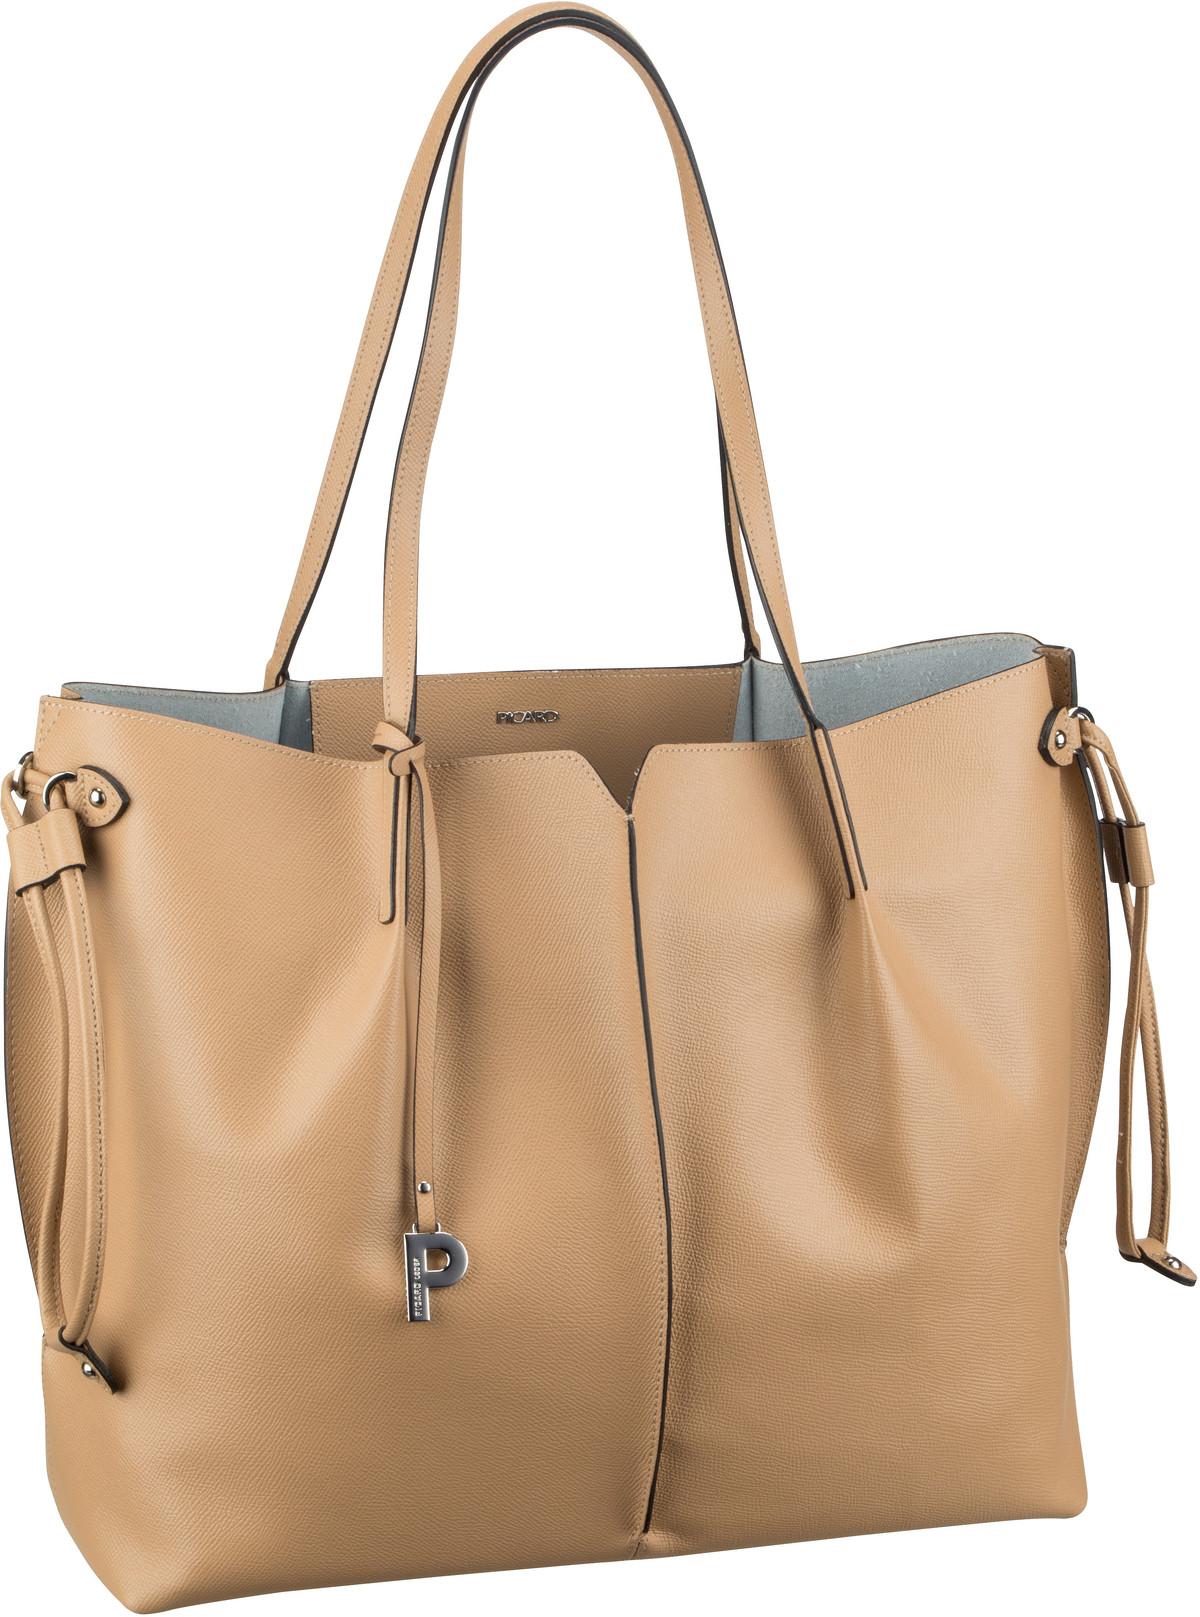 b5d945182b1d7 Picard Shopper online kaufen – Handtaschenhaus